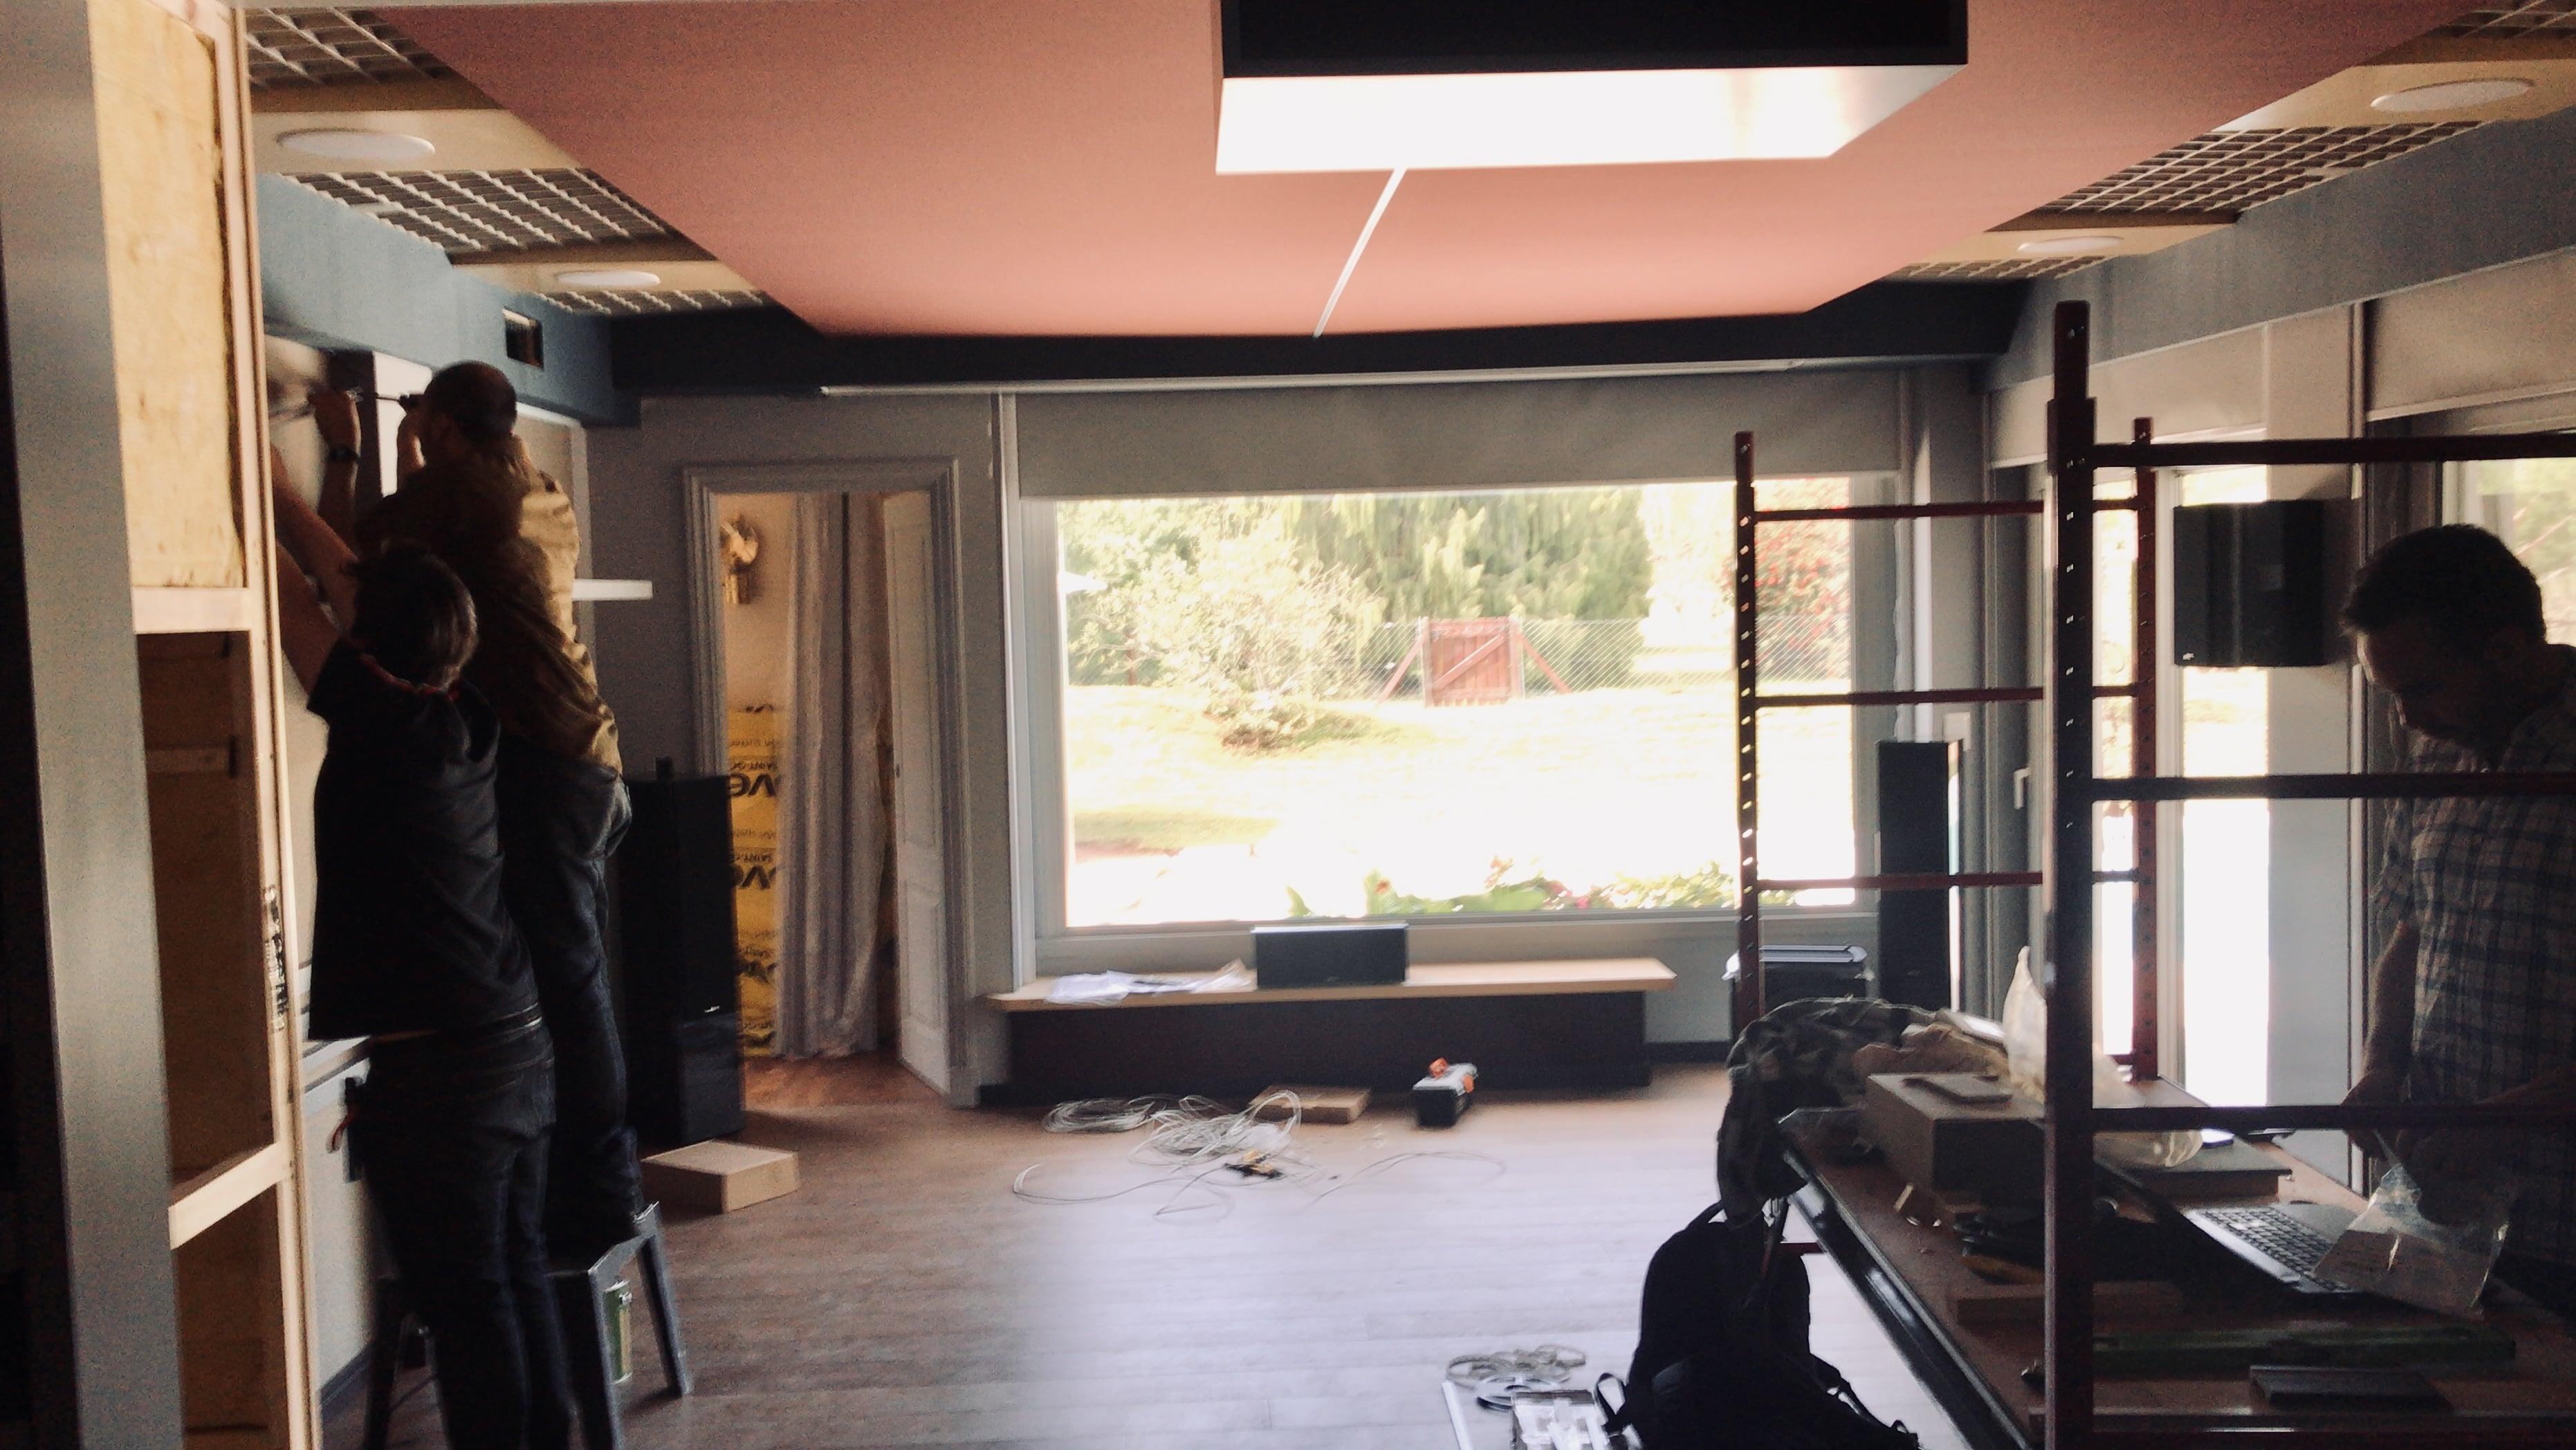 Cine_en_Casa_smart_home